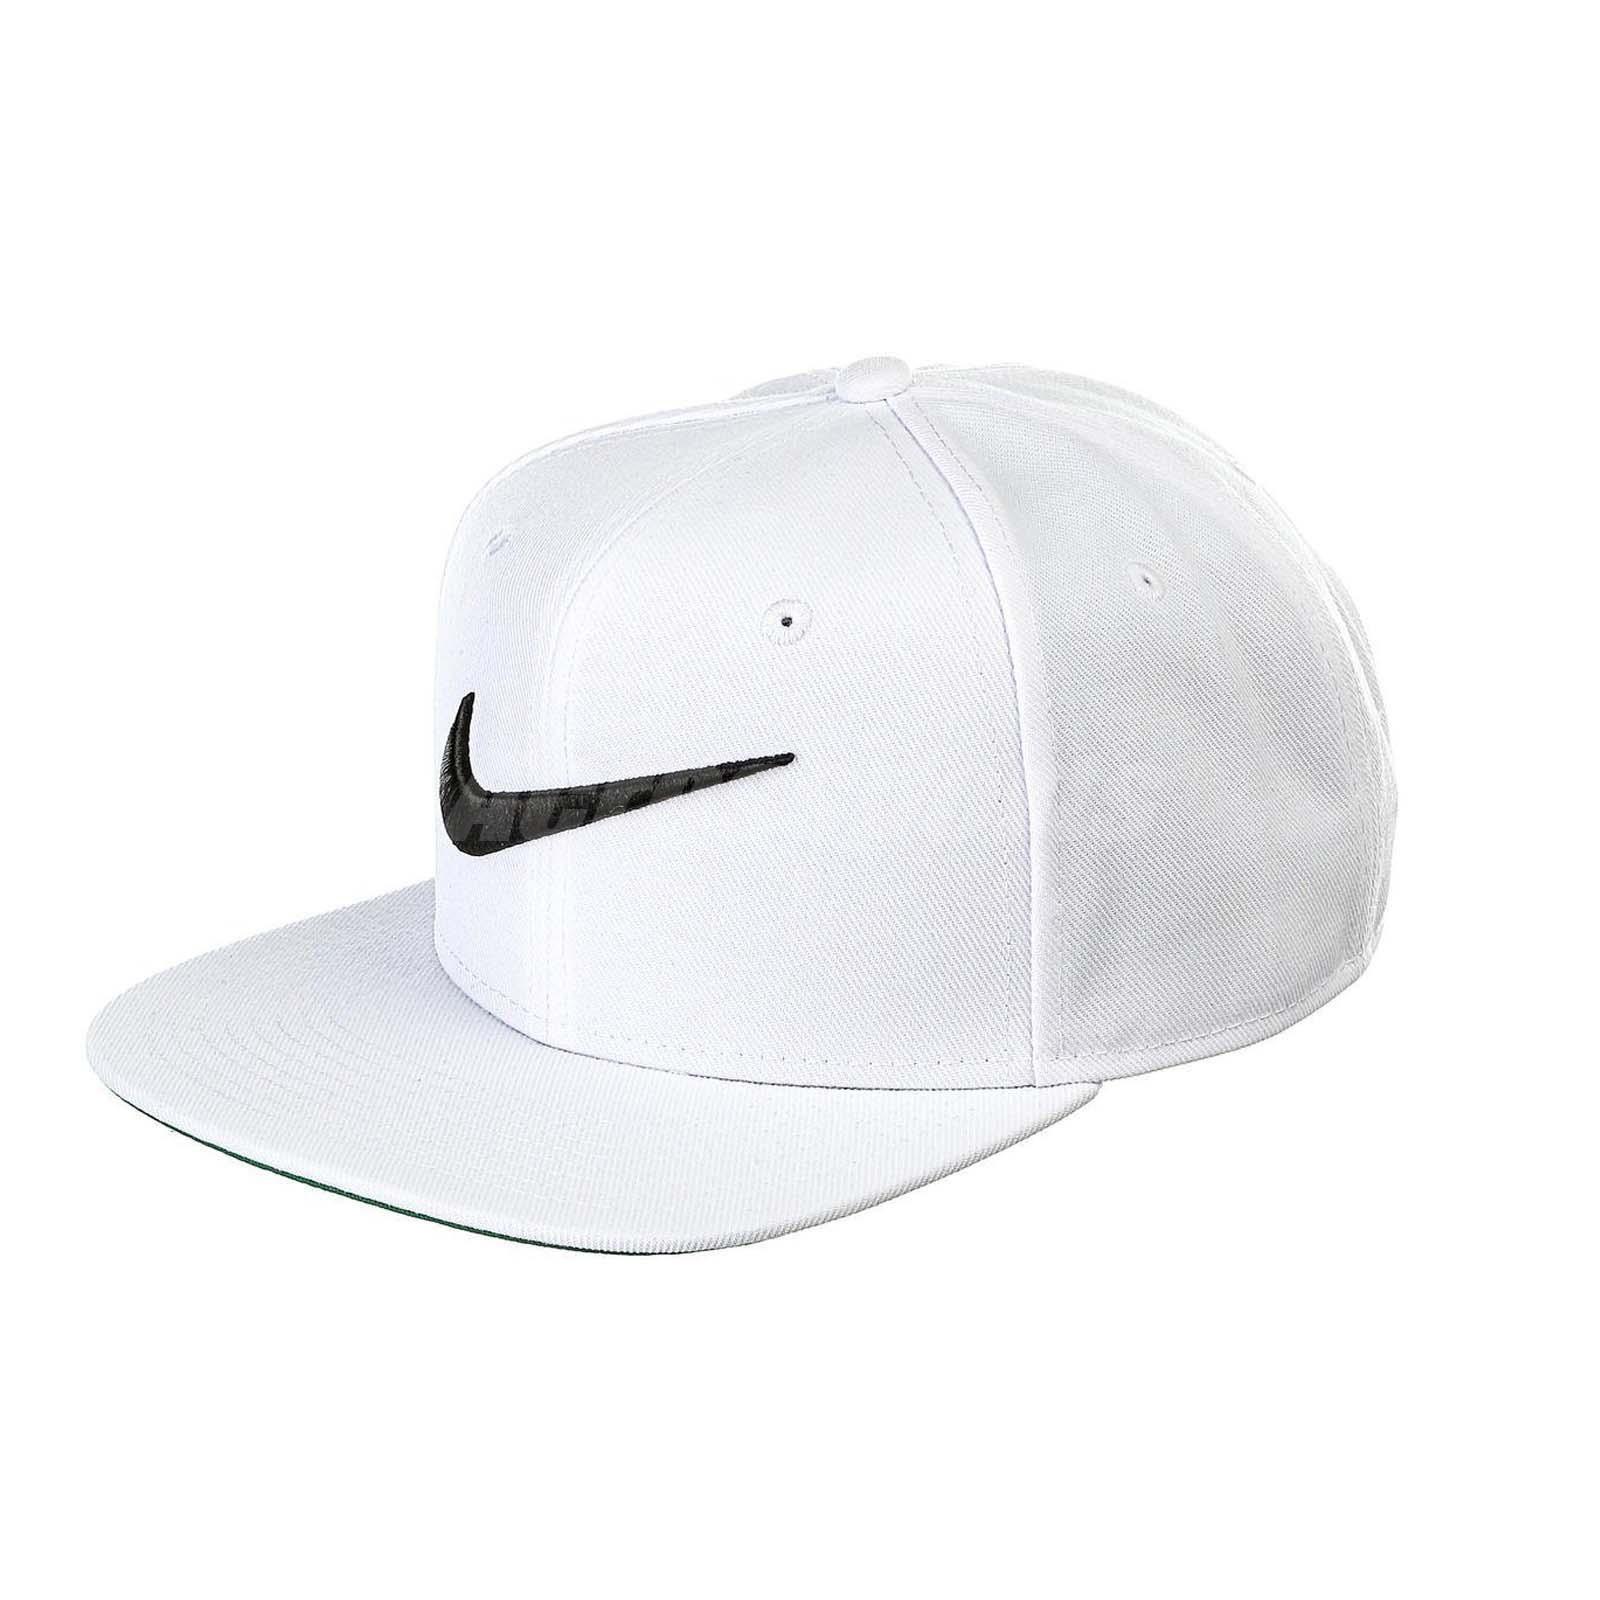 Nike White Plain Polyester Caps